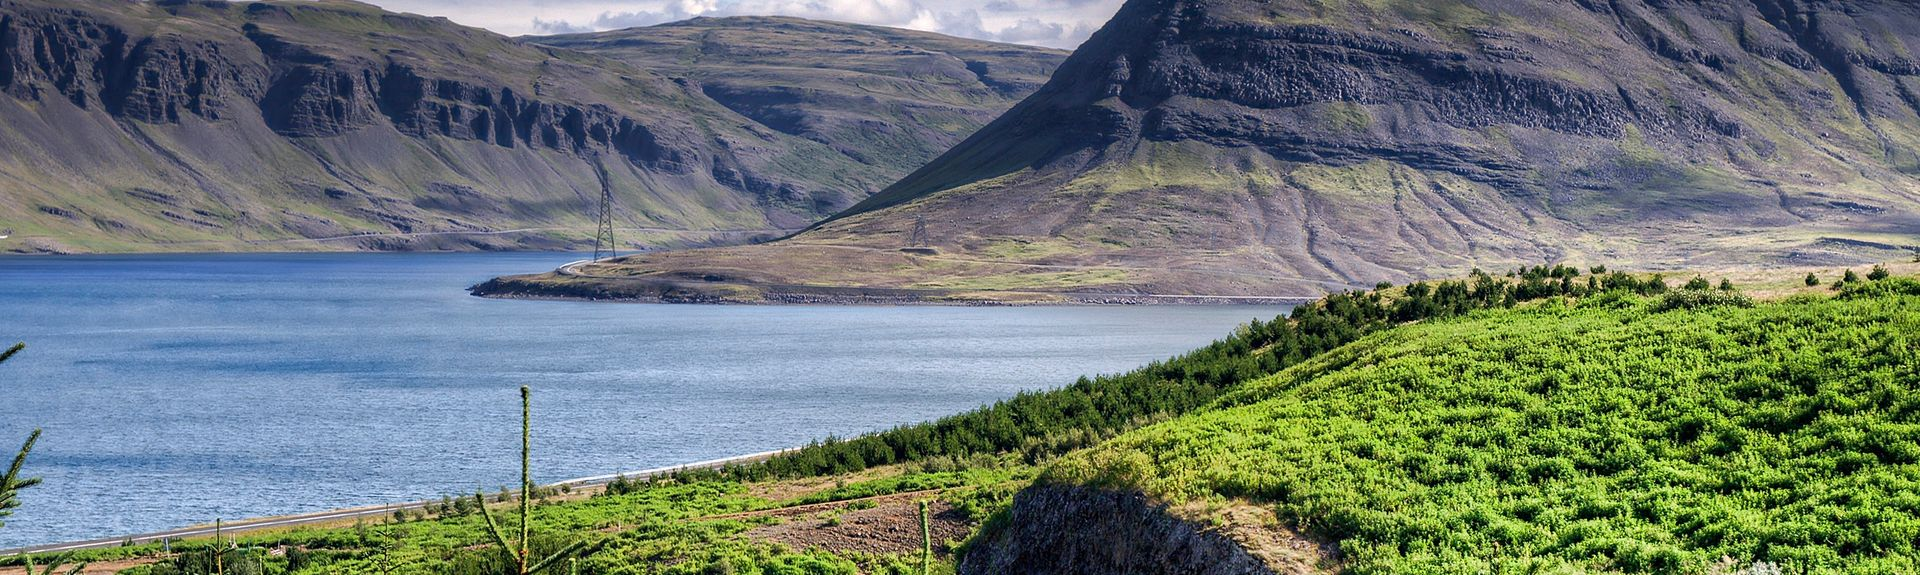 Perlan, Reykjavík, Islandia, RVK, Höfuðborgarsvæðið, Islandia